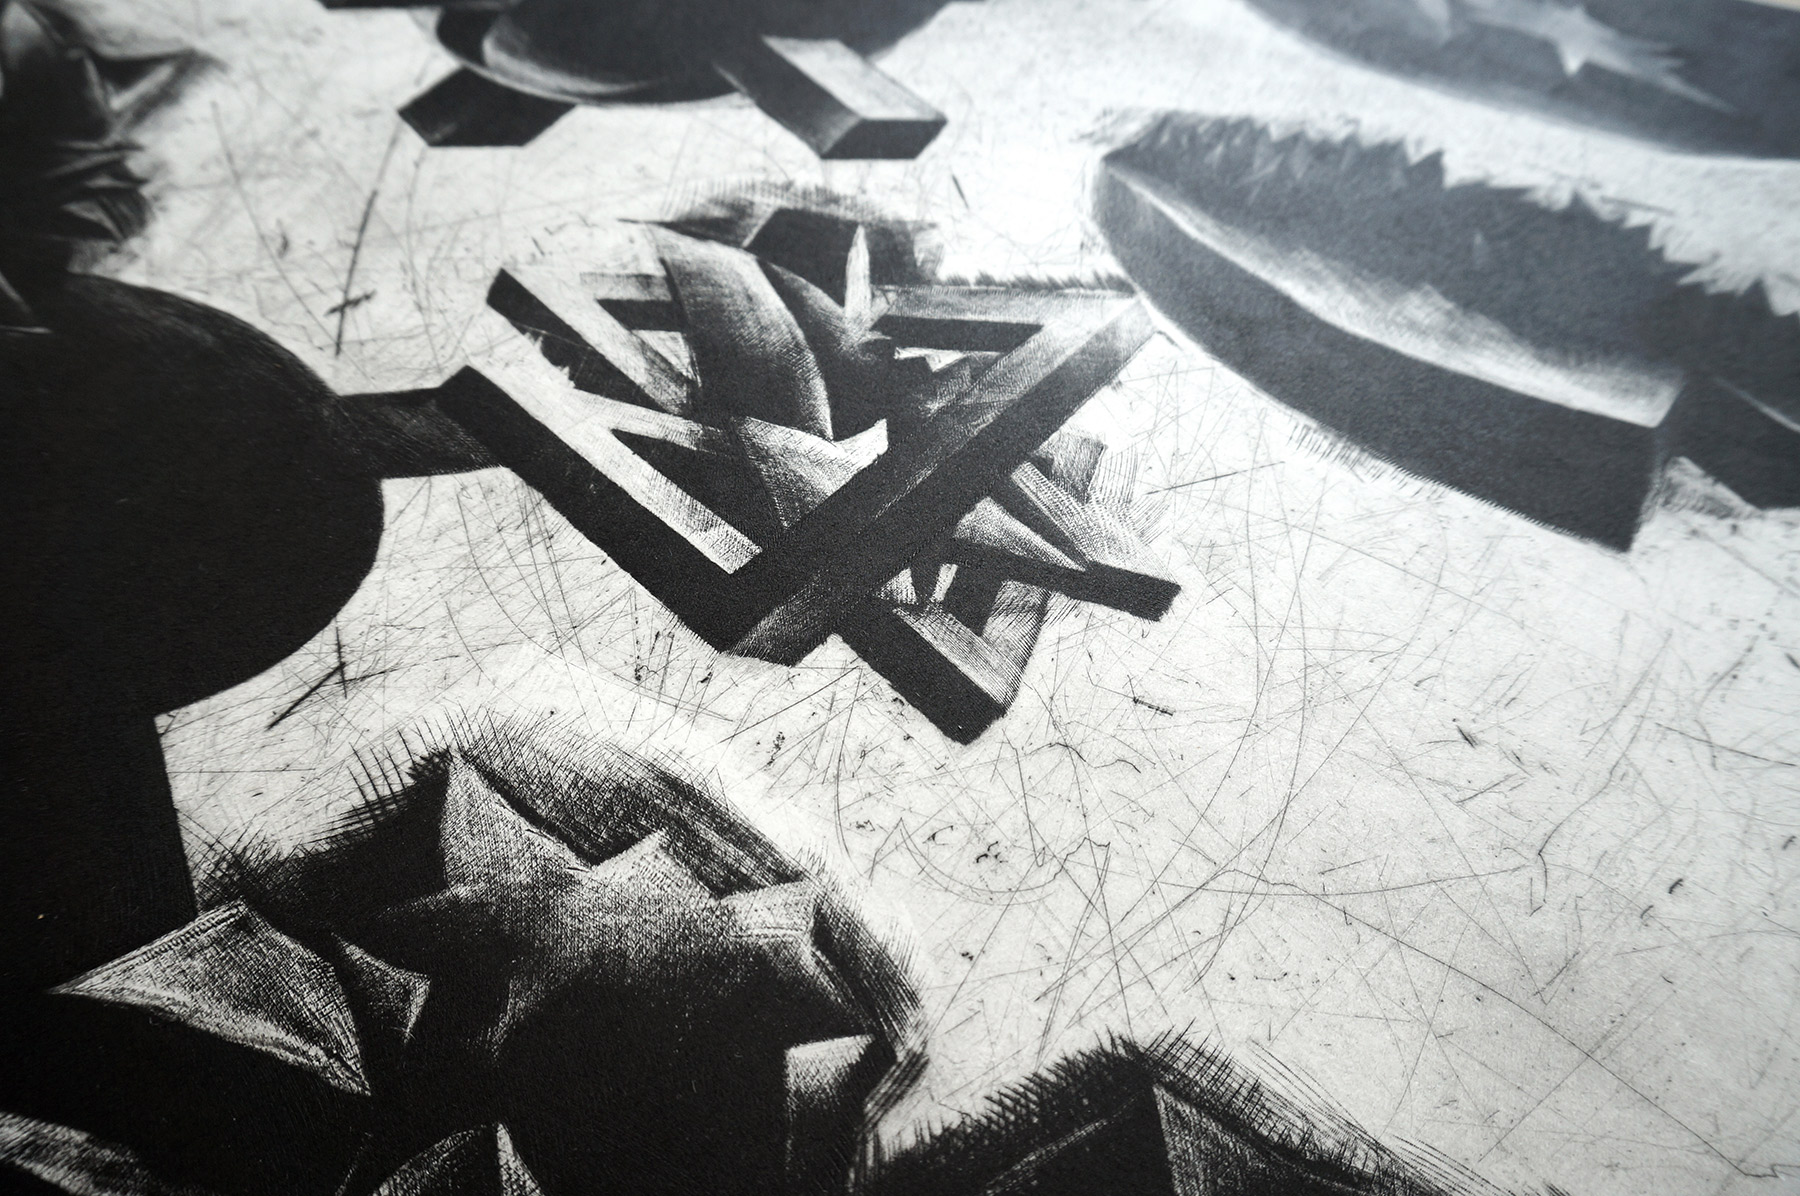 kunsttryk, engraveringer, abstrakte, geometriske, grafiske, landskab, monokrome, natur, mønstre, sorte, grå, hvide, blæk, papir, abstrakte-former, efterår, sort-hvide, dansk, dekorative, design, interiør, bolig-indretning, nordisk, skandinavisk, sceneri, Køb original kunst og kunstplakater. Malerier, tegninger, limited edition kunsttryk & plakater af dygtige kunstnere.